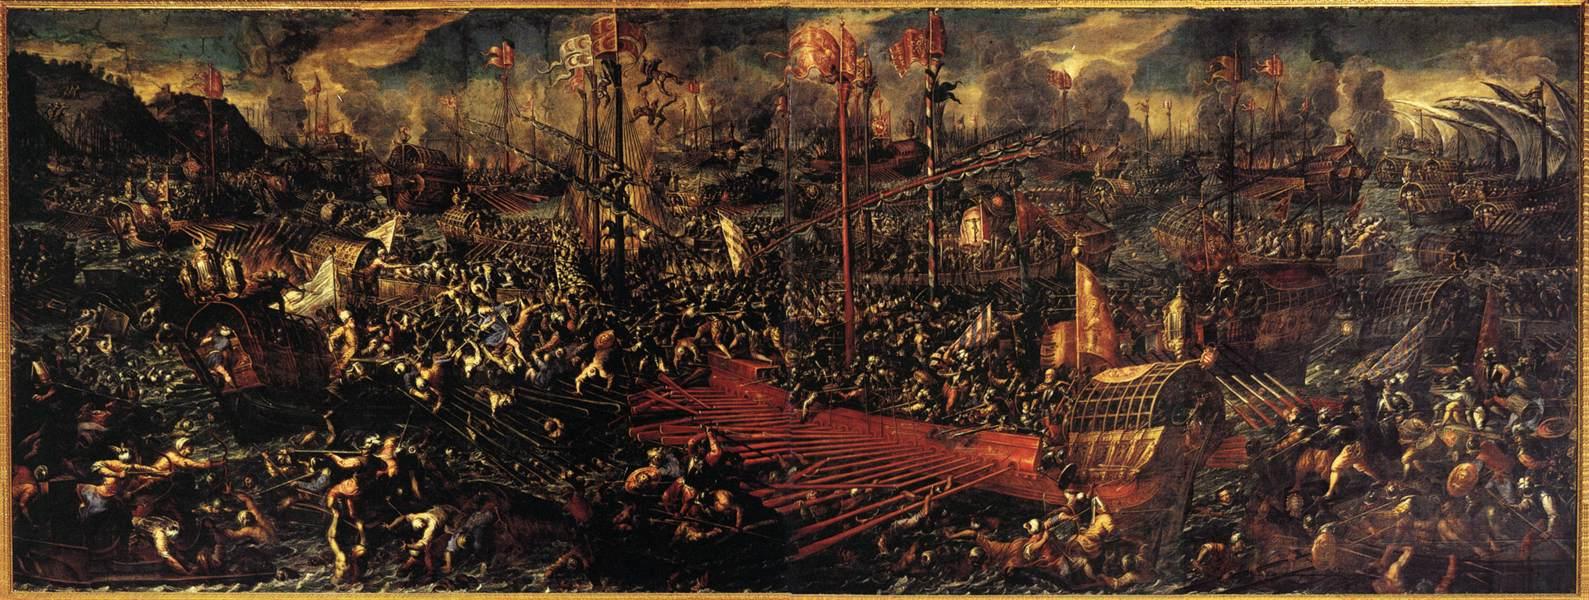 El arrojo de Juan de Austria y la batalla de Lepanto